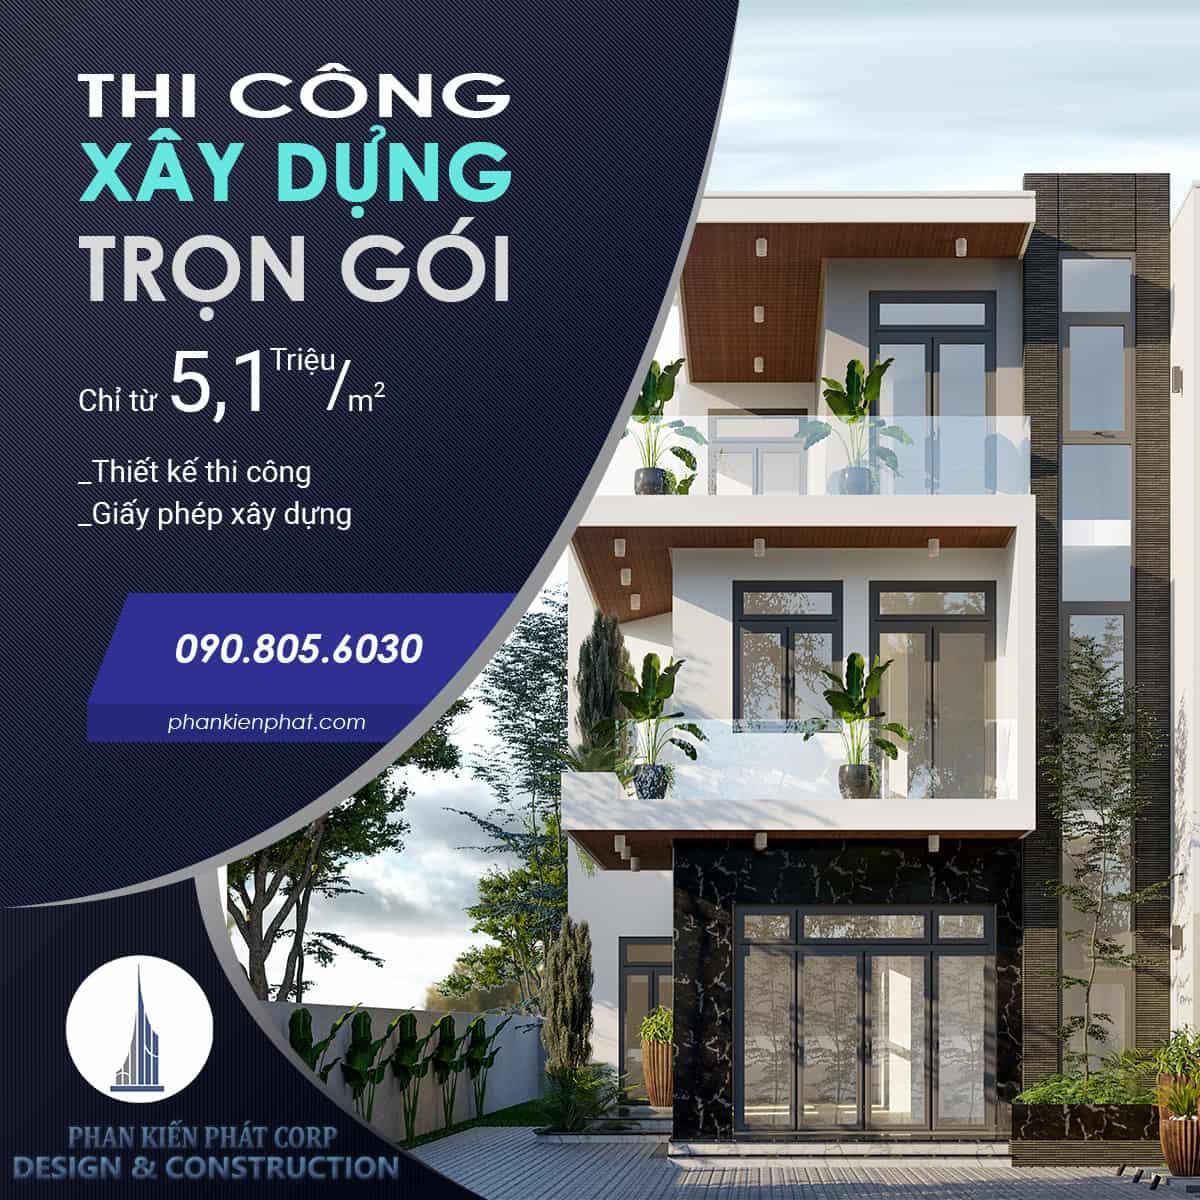 Don Gia Thi Cong Thi Cong Tron Goi Phan Kien Phat